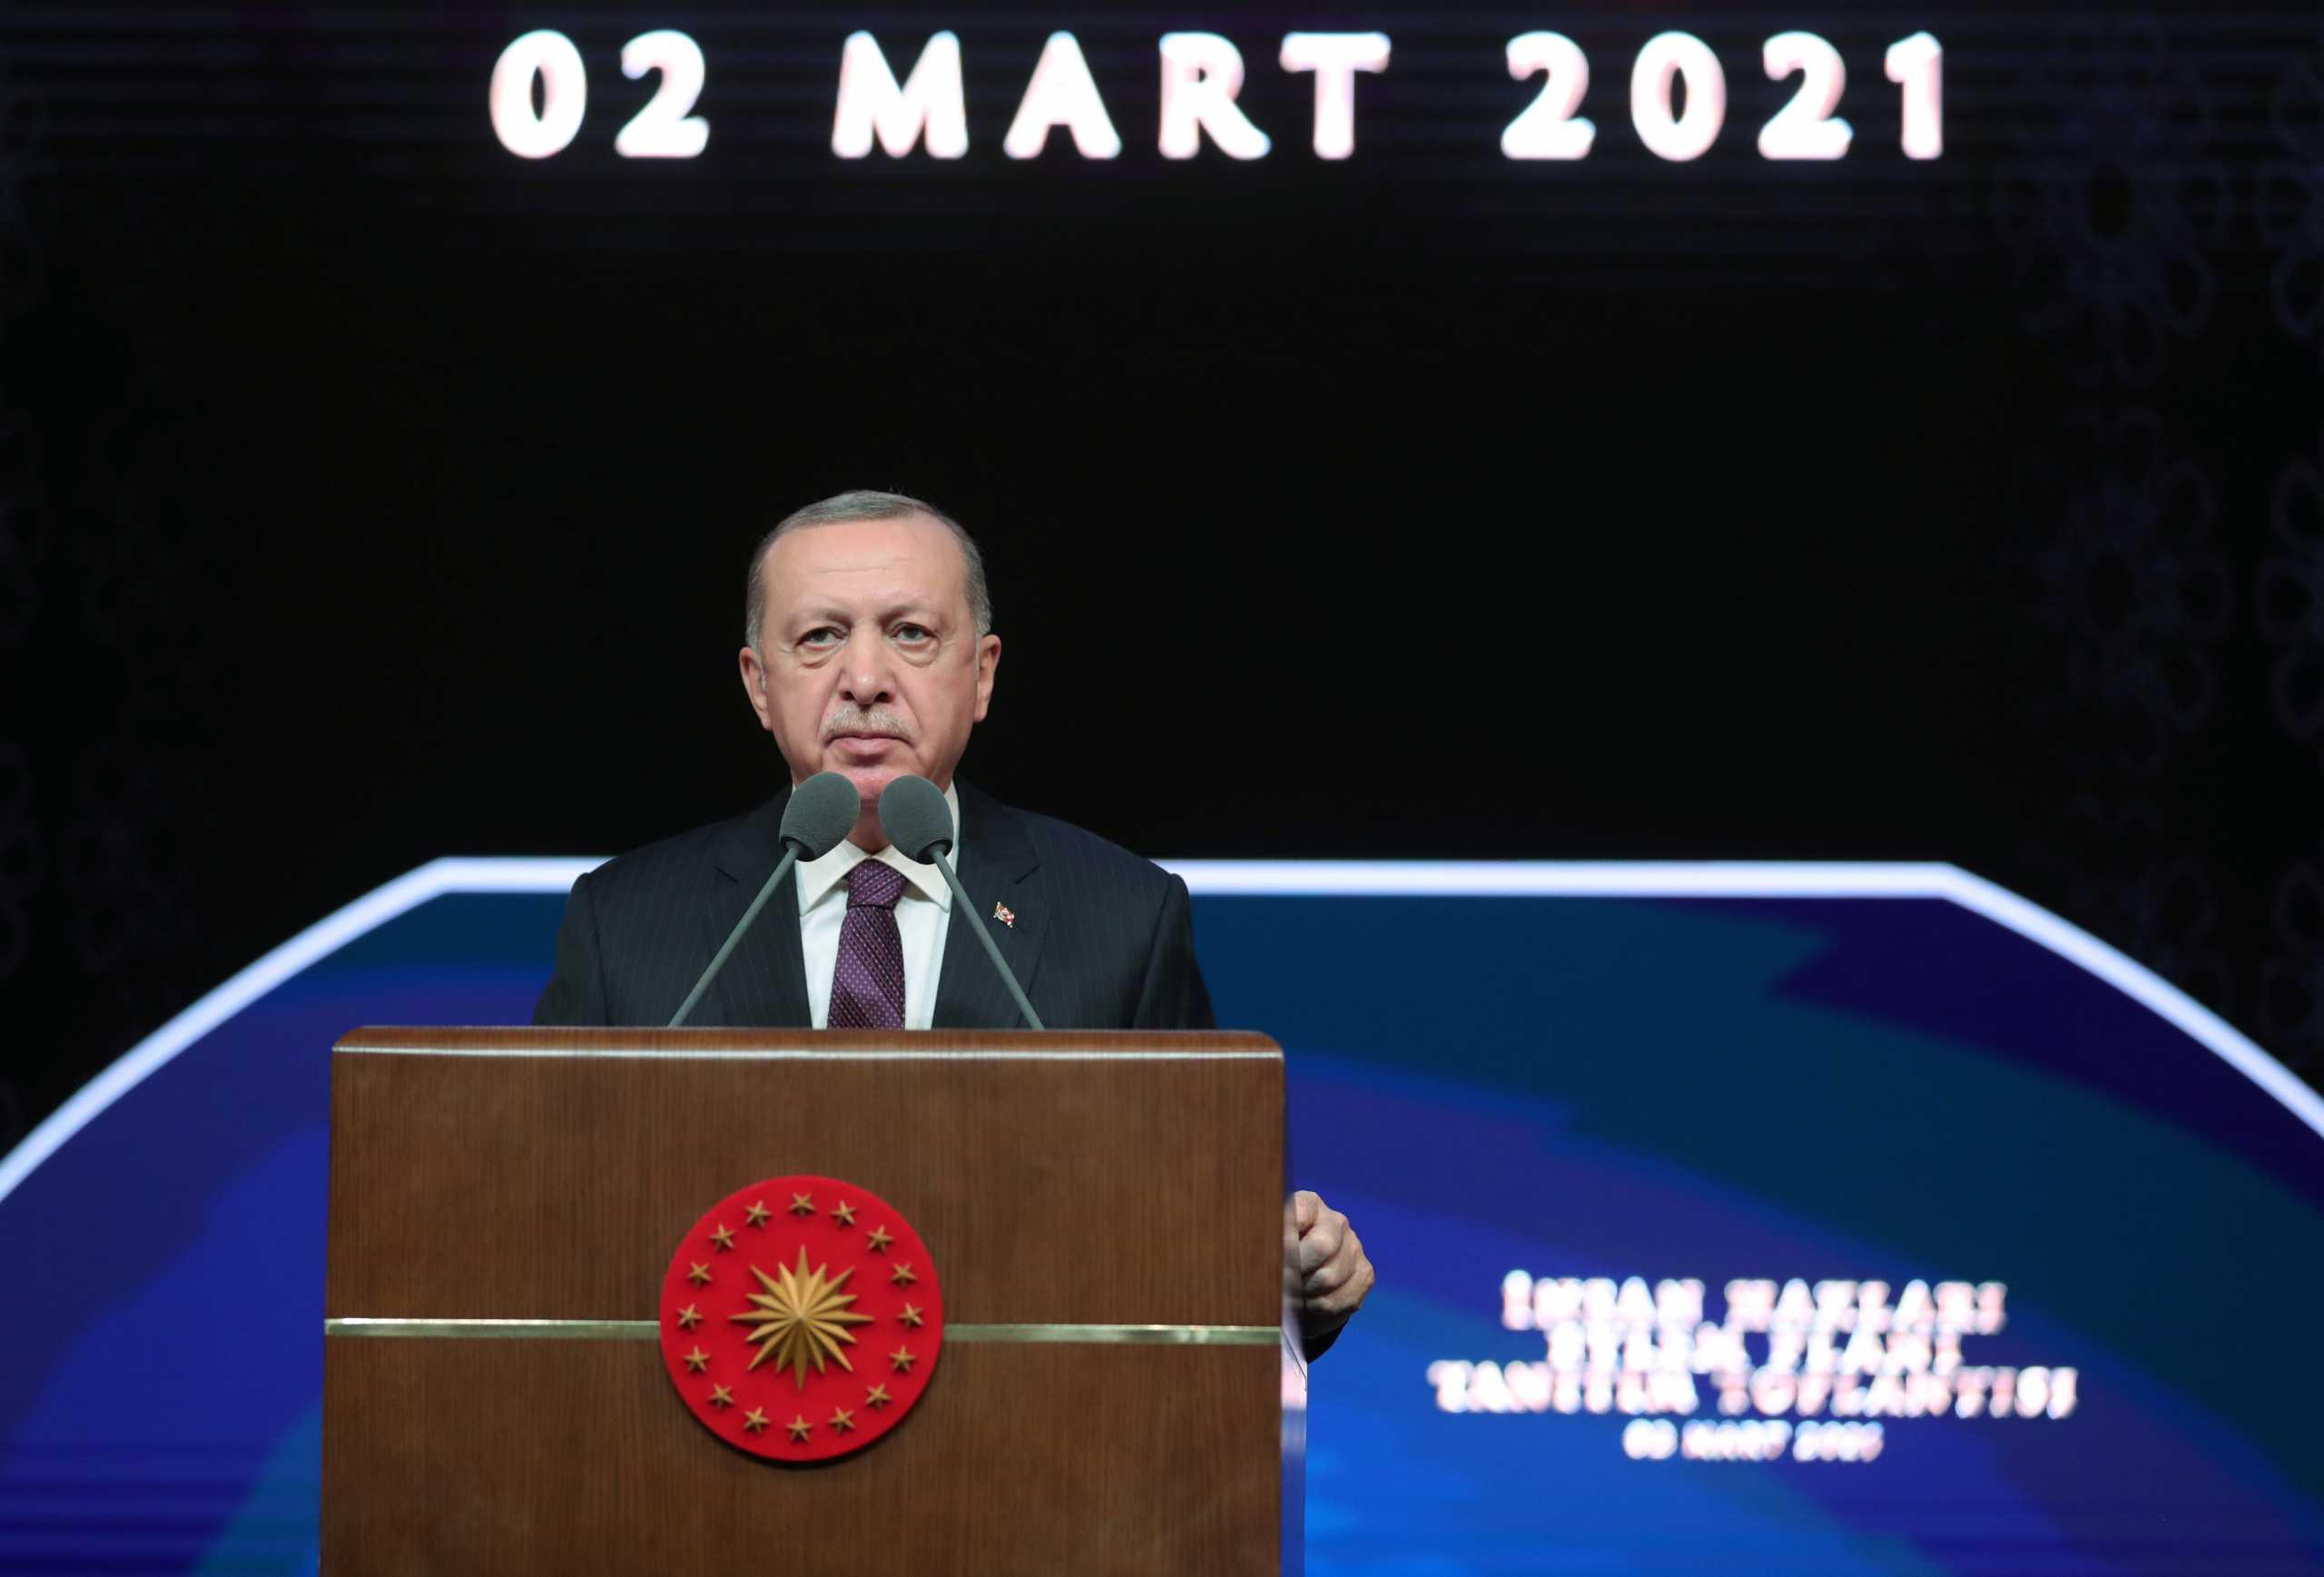 Ερντογάν: Σκέφτεται αλλαγή του εκλογικού νόμου γιατί πέφτουν τα ποσοστά του